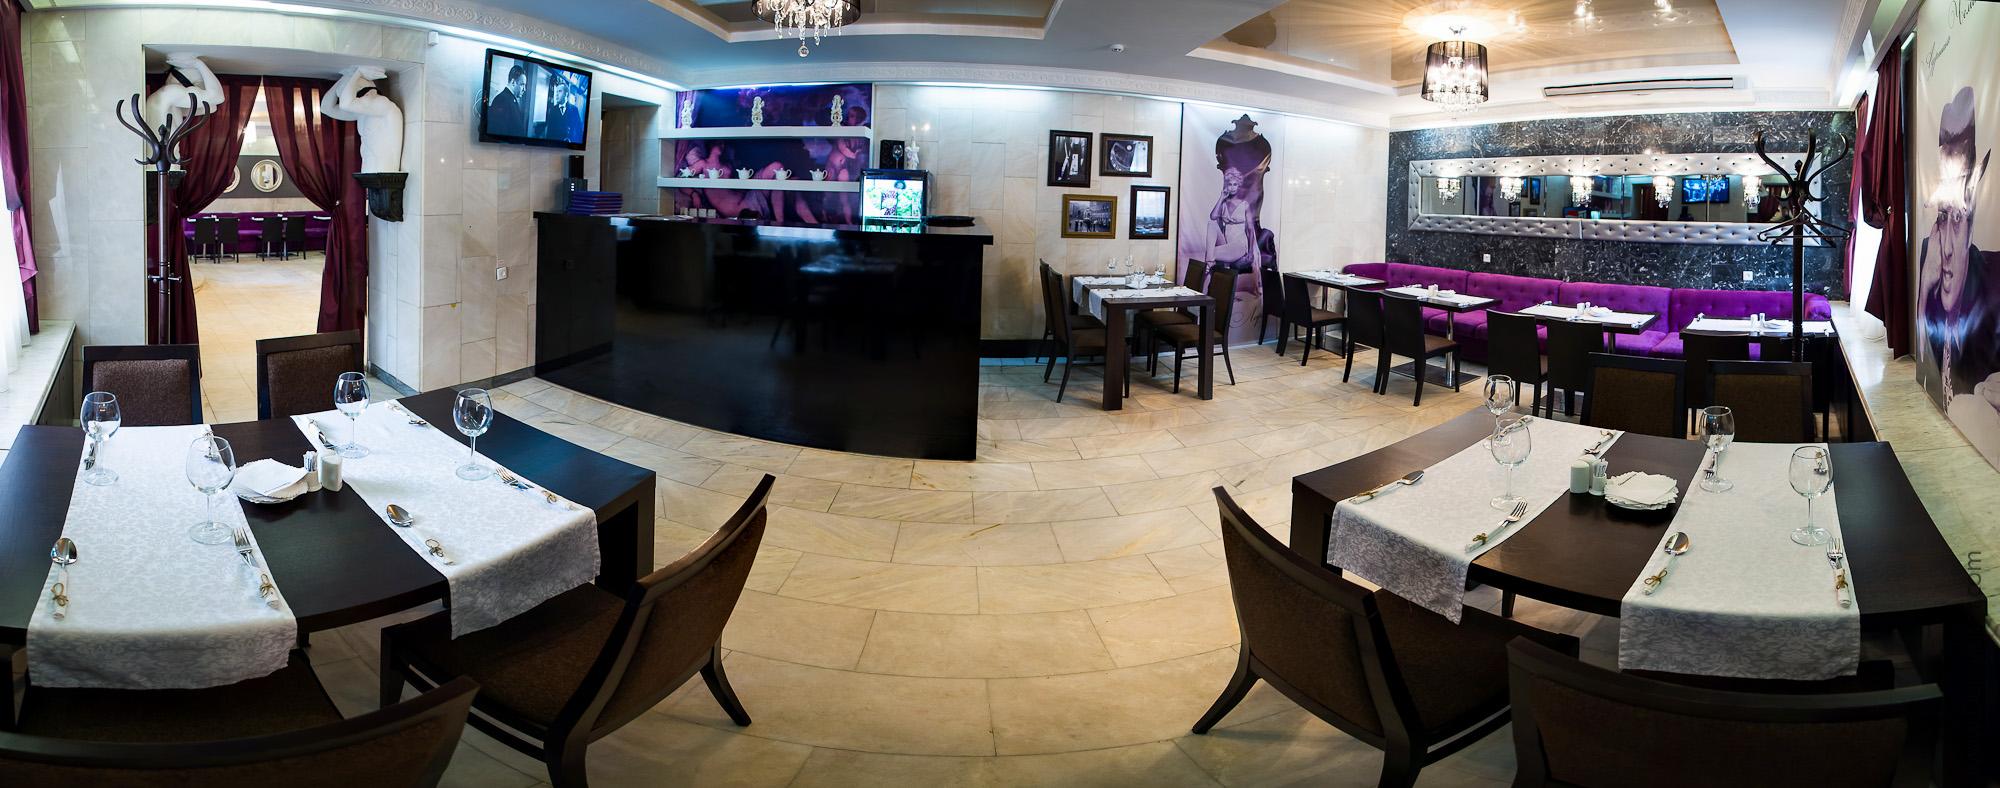 Второй зал - Итальянское кафе